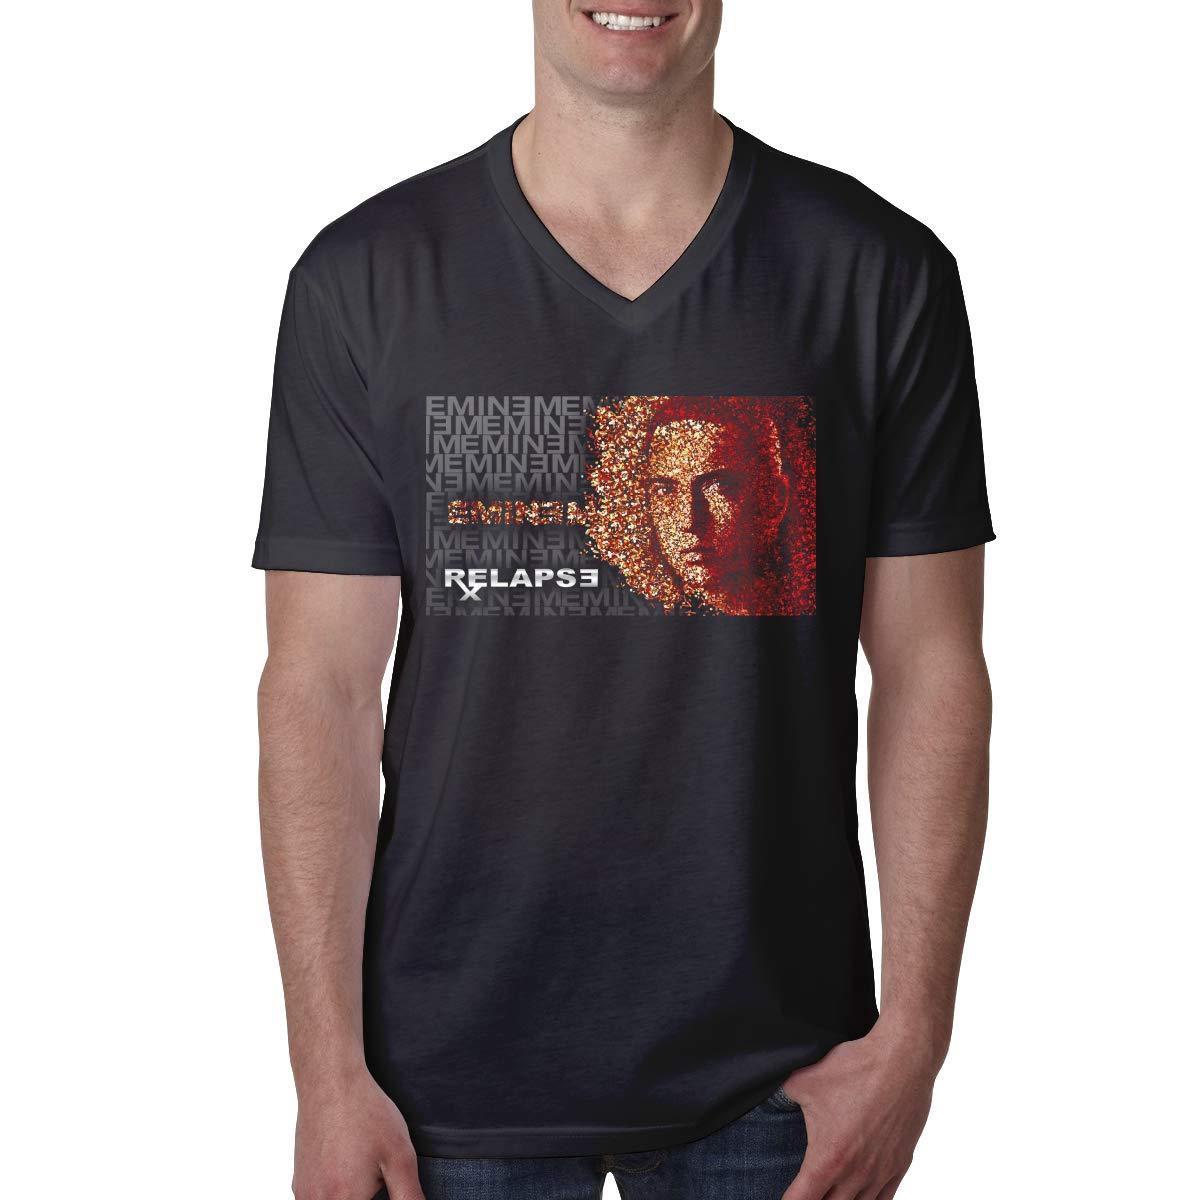 S Eminem Comfortable Vneck Short Sleeve T Shirts